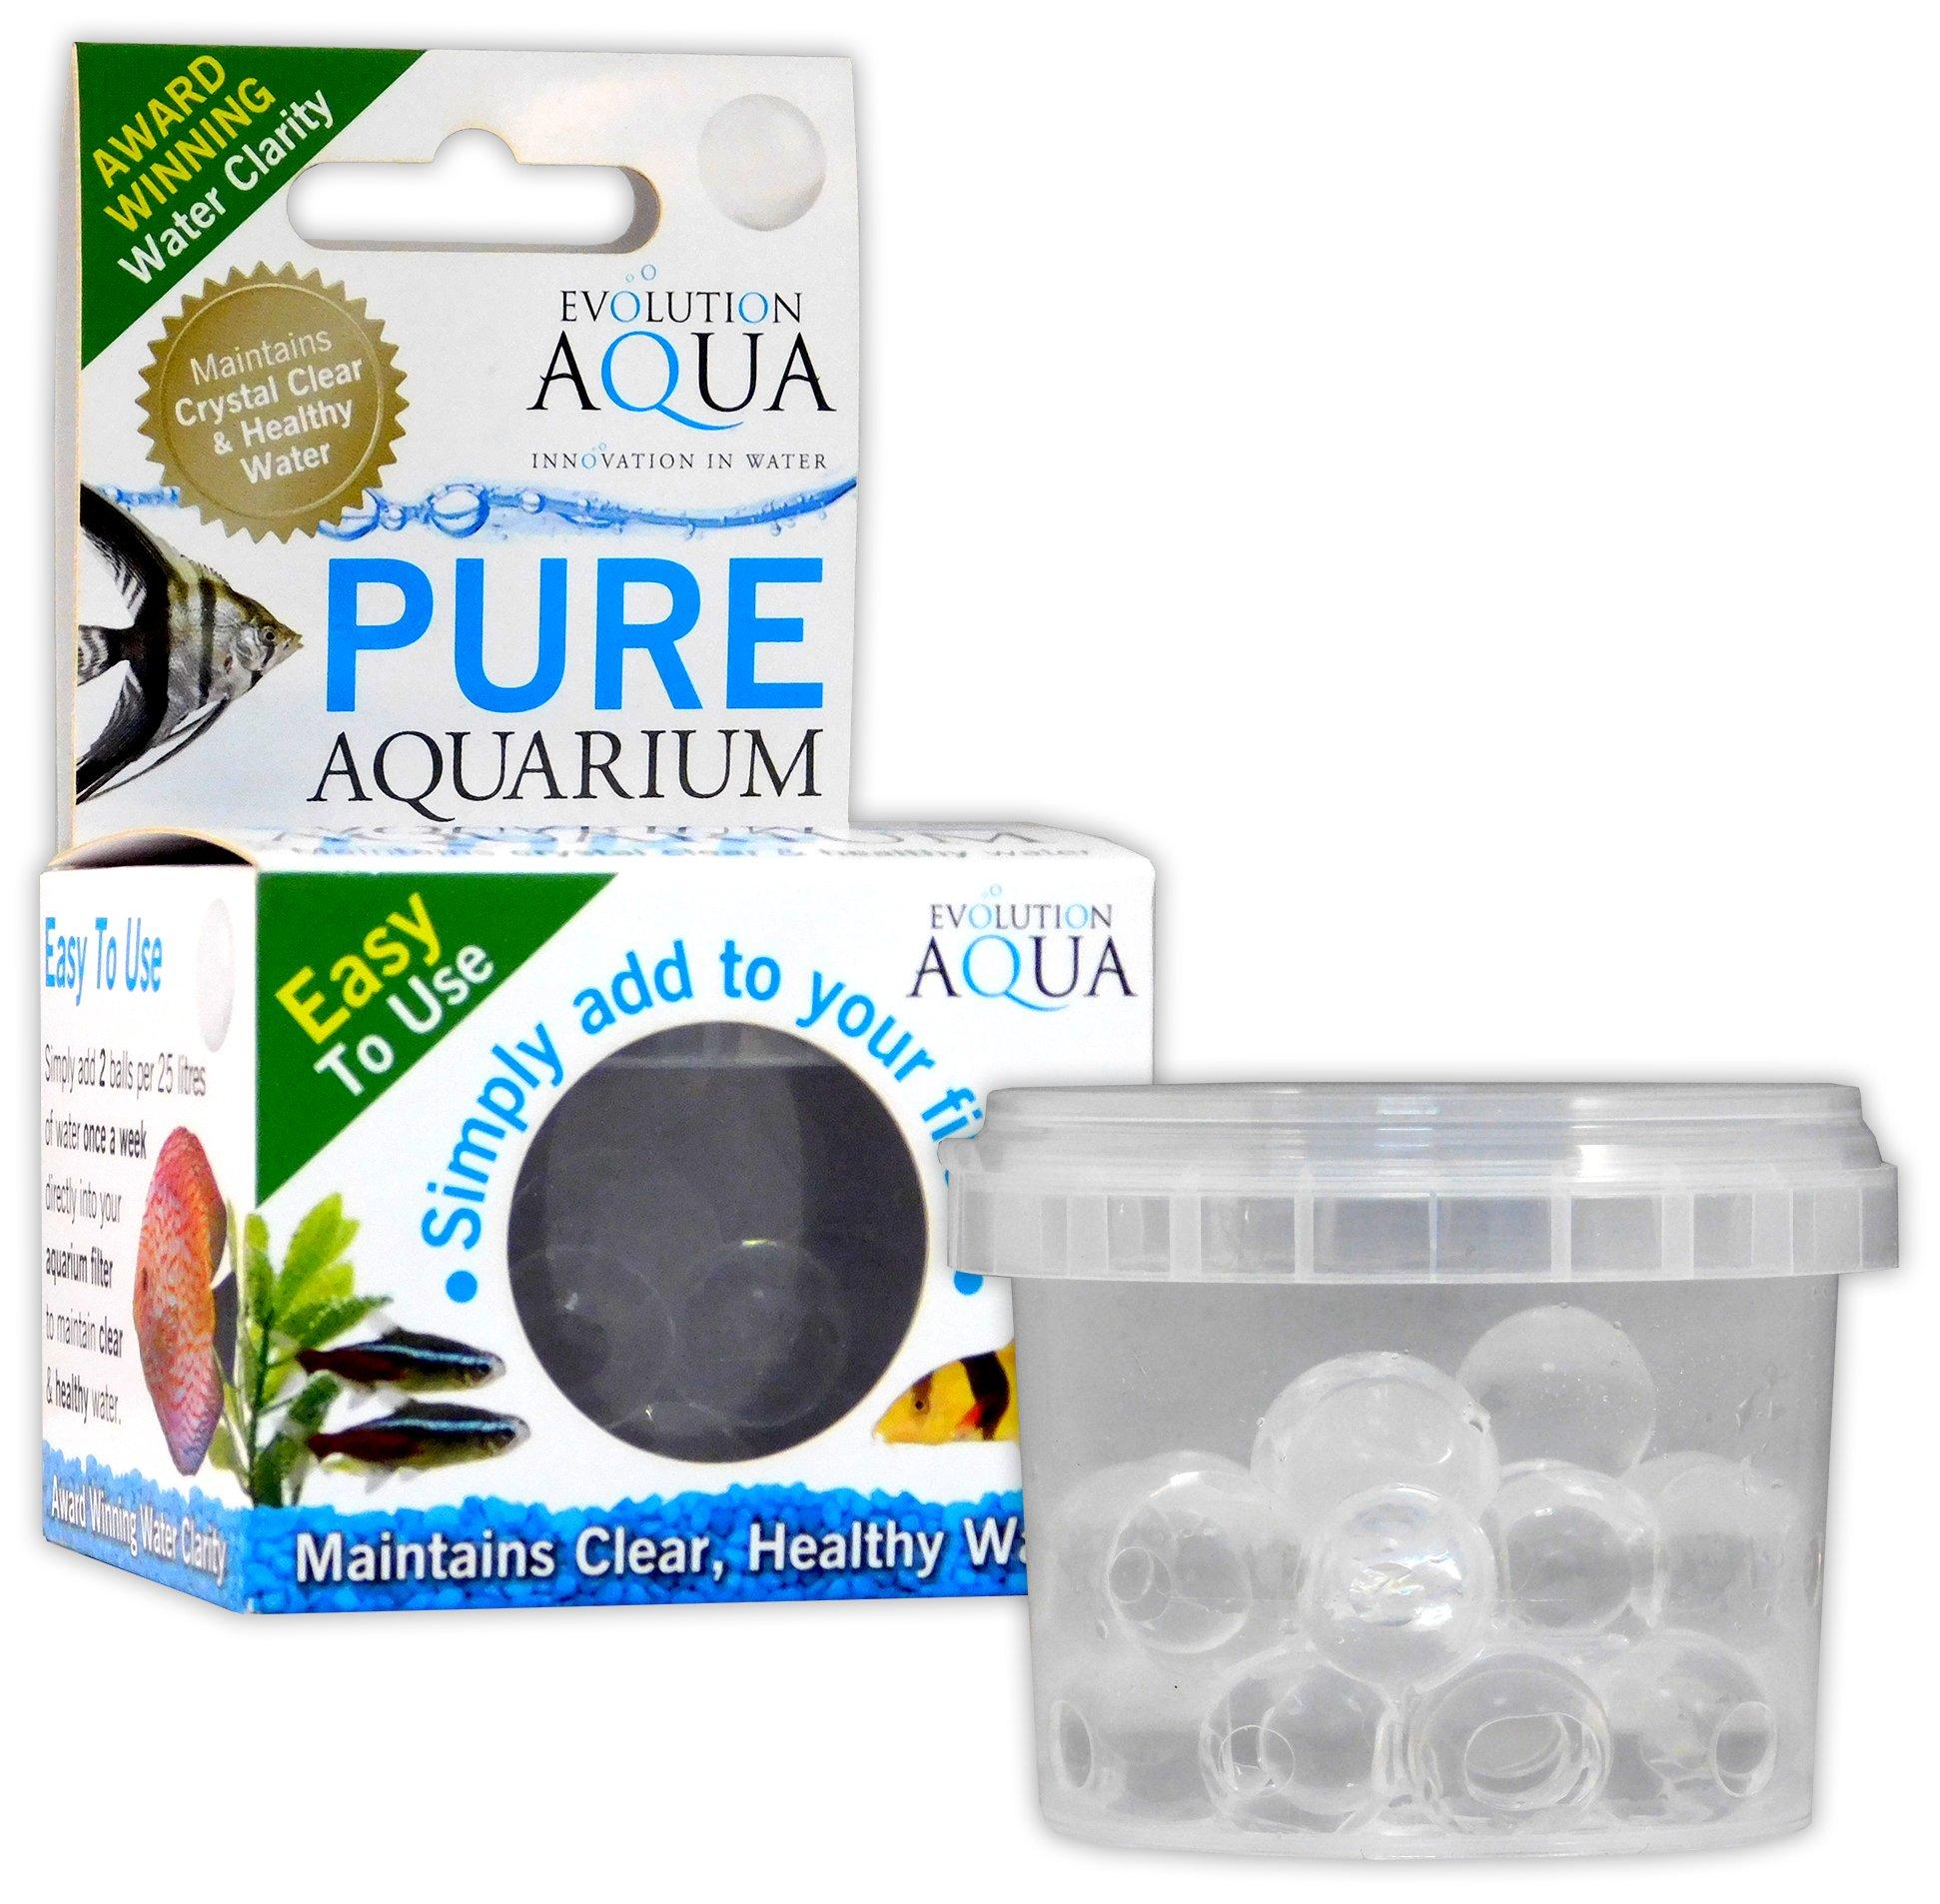 Evolution Aqua Pure Aquarium 25 Balls